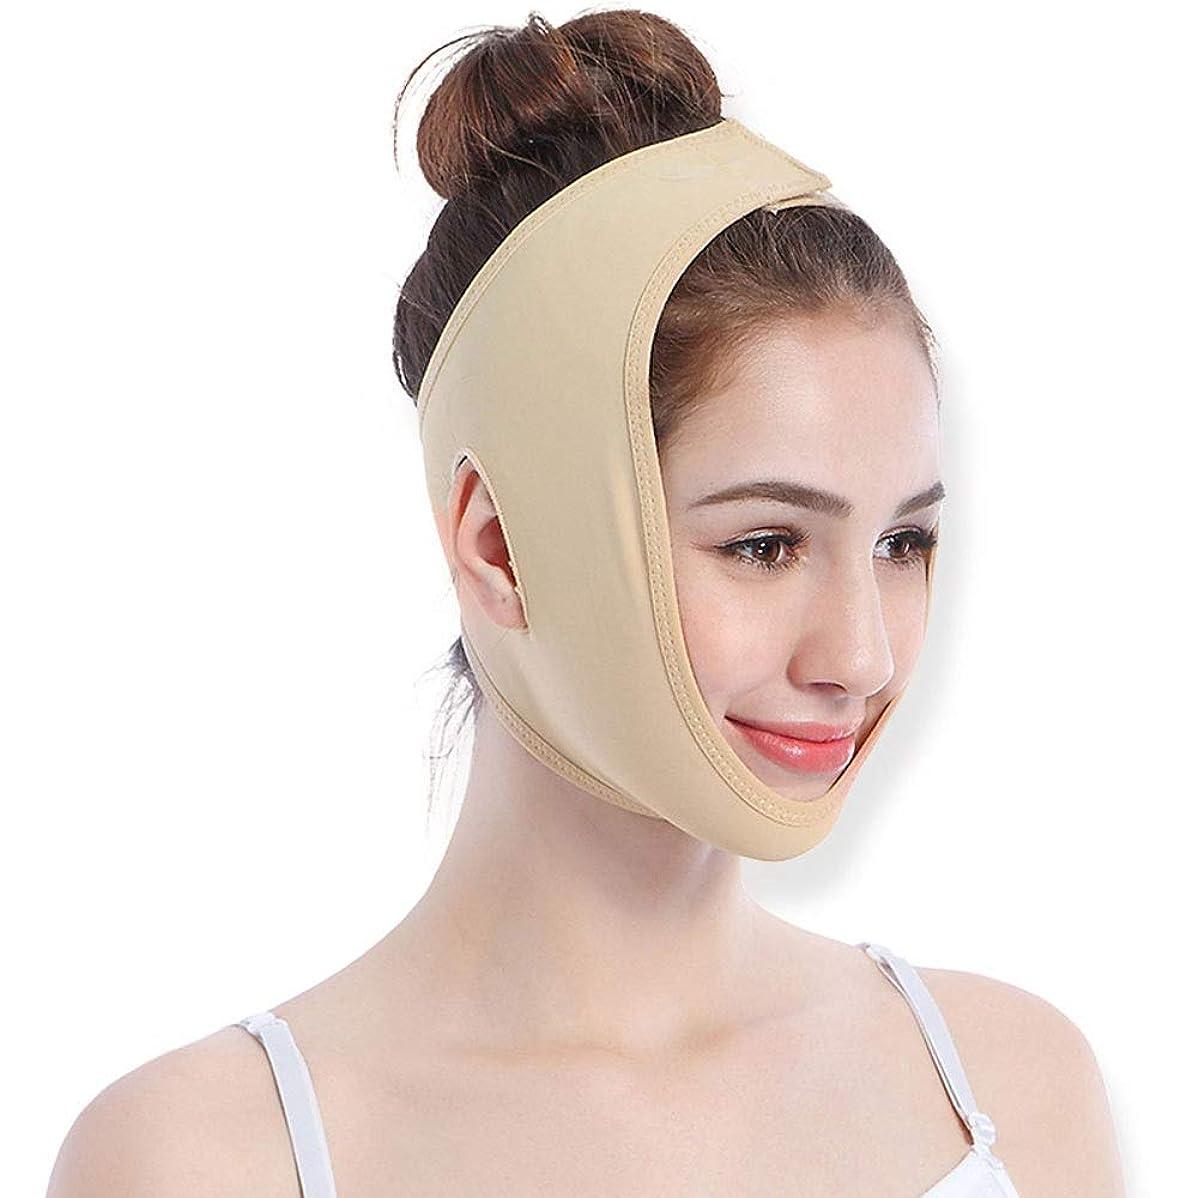 開業医乳剤スカートMinmin フェイスリフティングアーティファクトシンフェイスリフティングファーミングリフティングファーミング美容機器を送信するフェイシャルマッサージVフェイスマスクステッカー - スキンカラー4サイズオプション みんみんVラインフェイスマスク (Size : L)